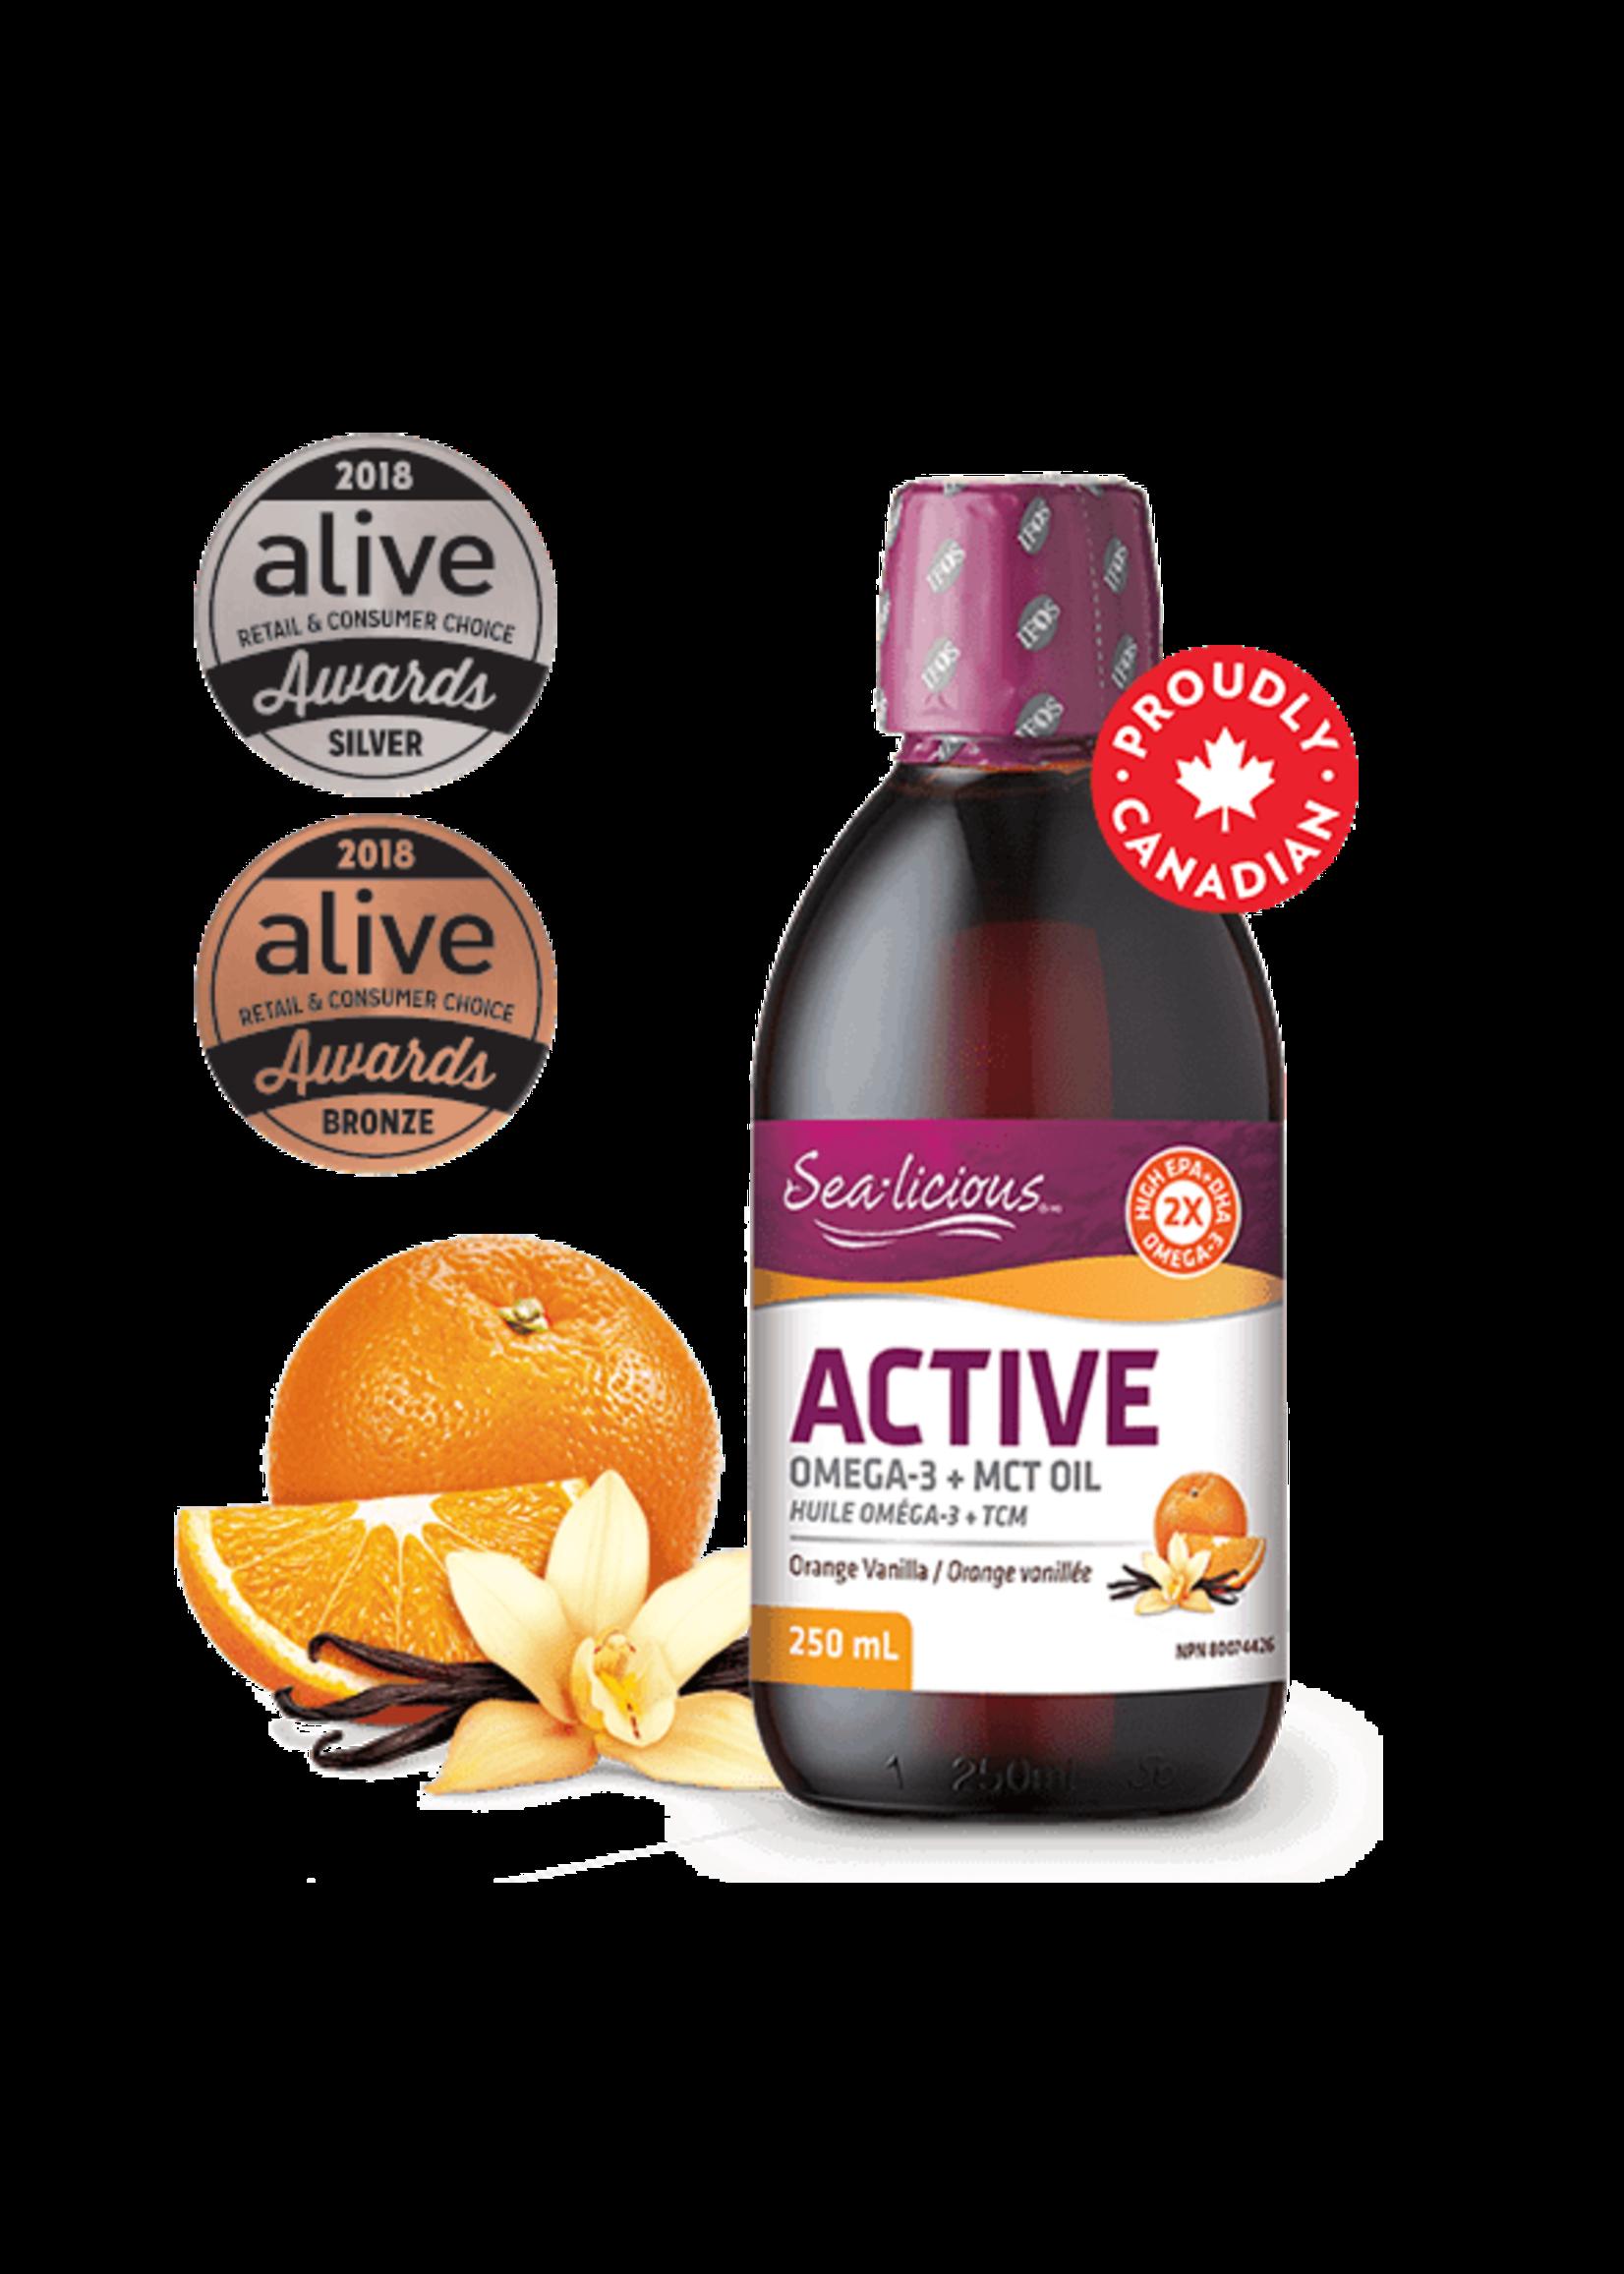 Sea-licious Sea-licious Active Orange/Vanilla 250 ml